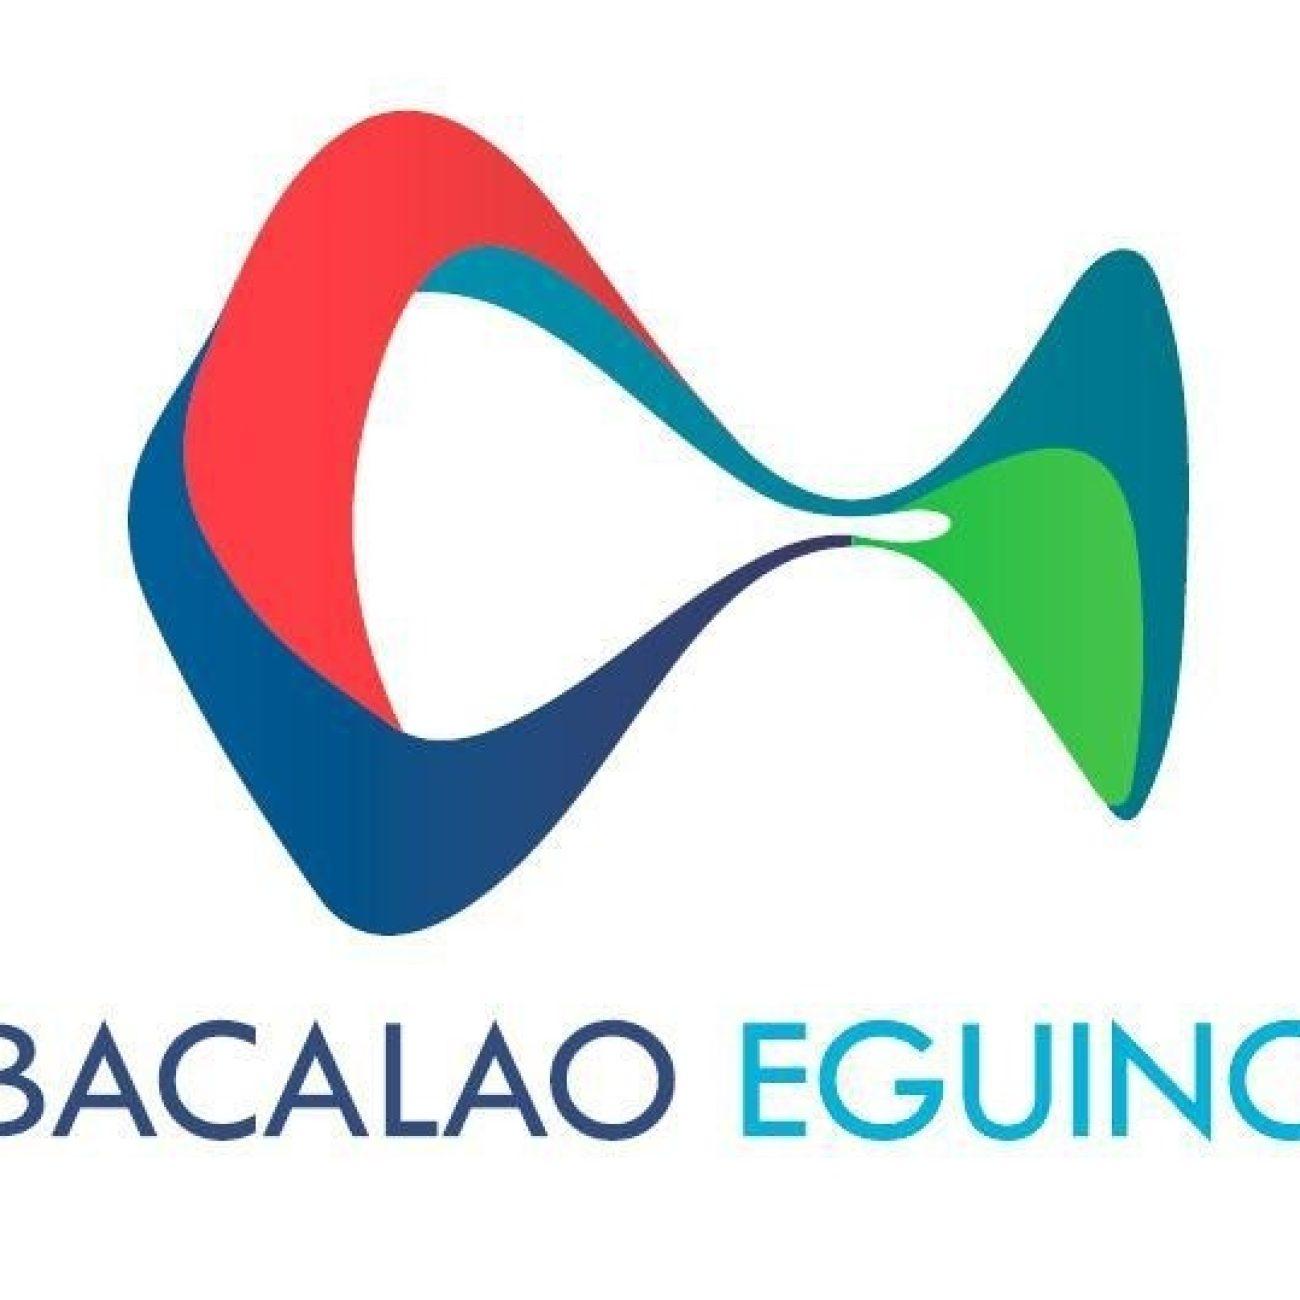 Bacalao Eguino, el bacalao de Bilbao